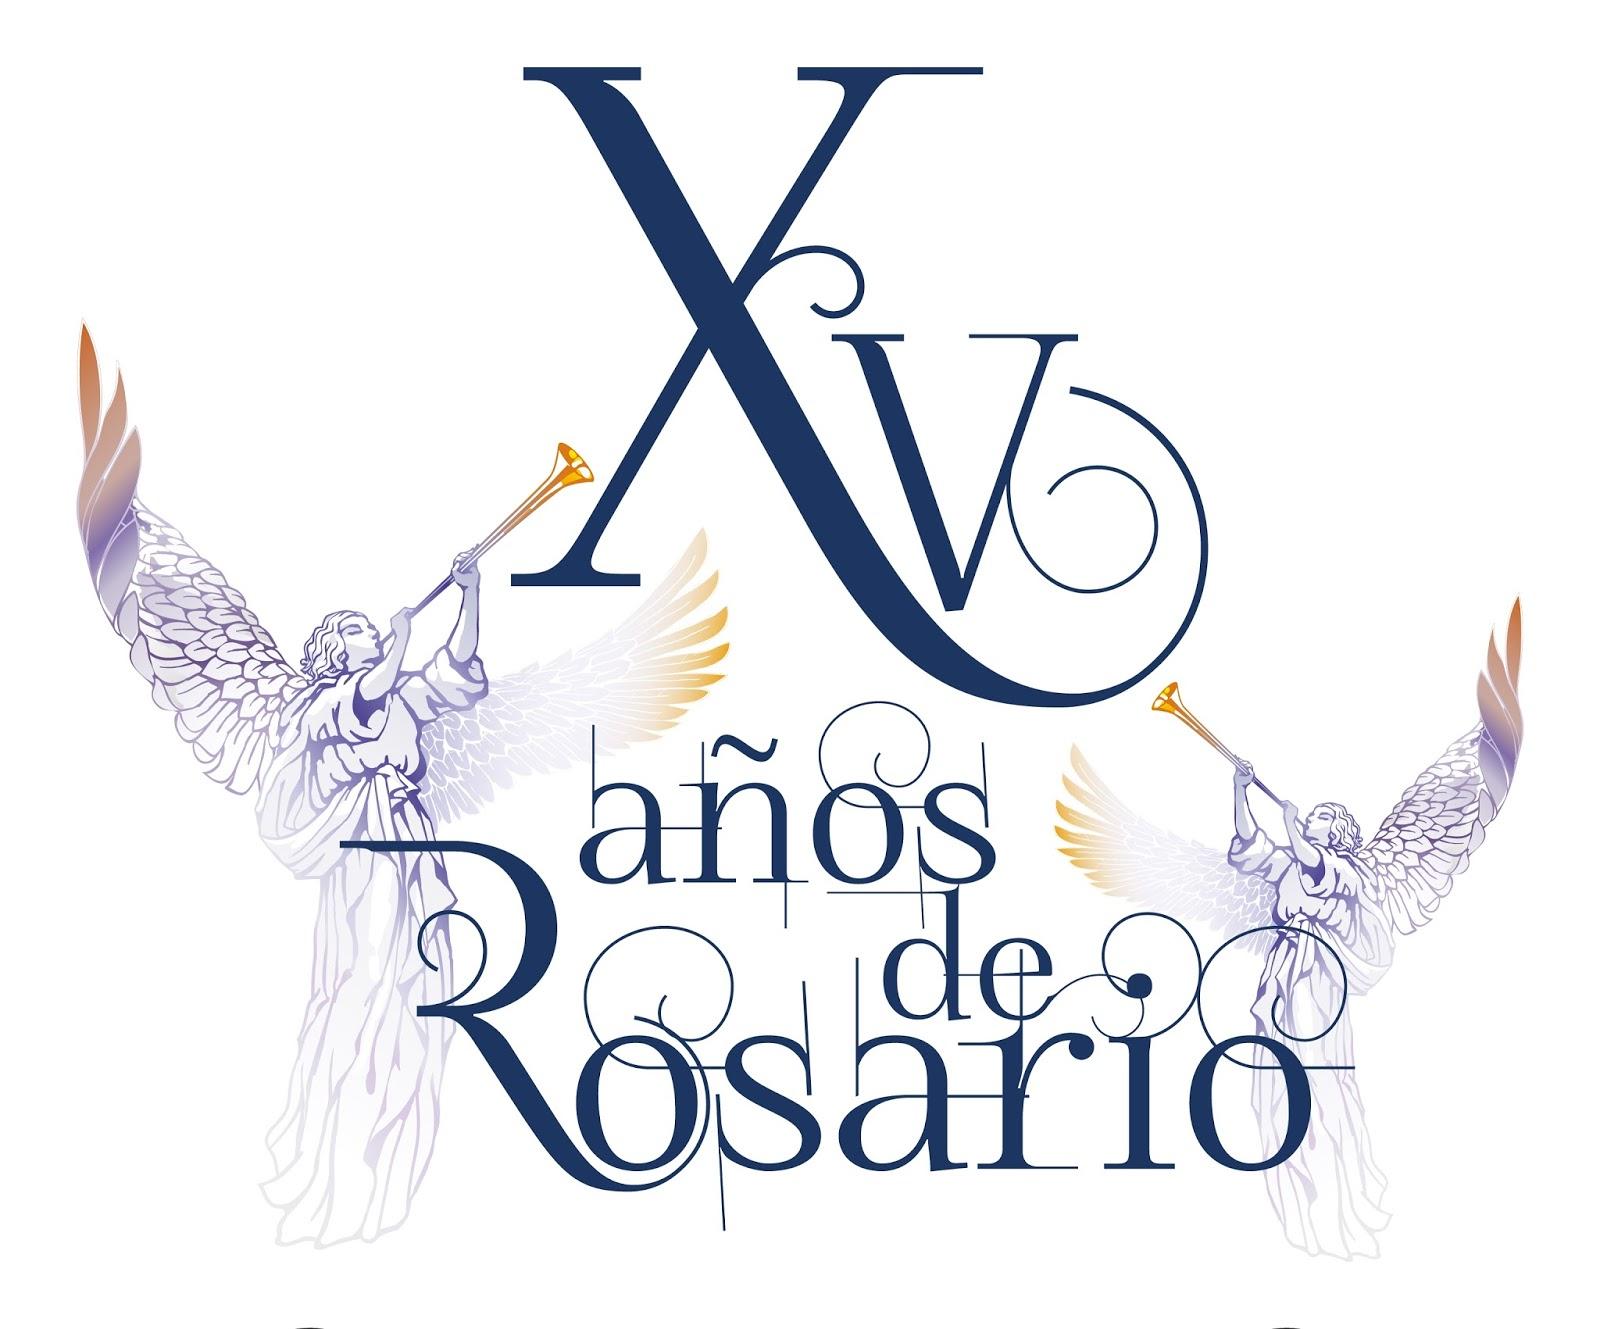 Logotipo Para 15 Anos: Logo Xv Años